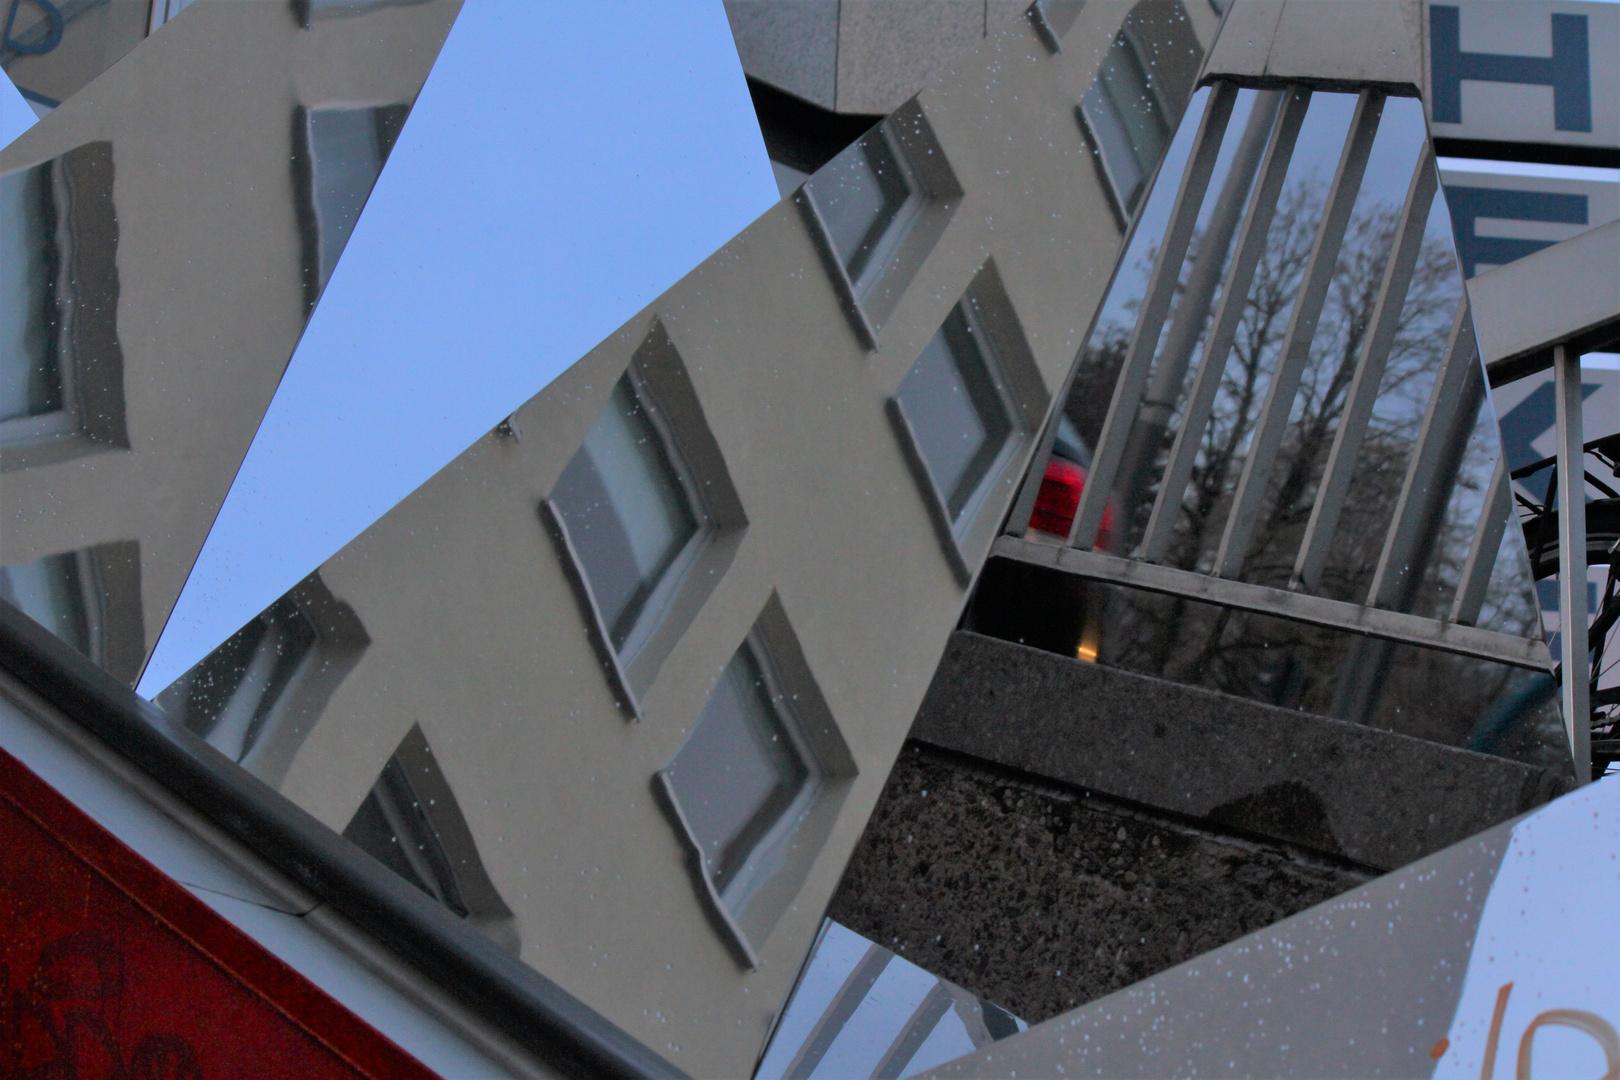 Fragmented urbanity